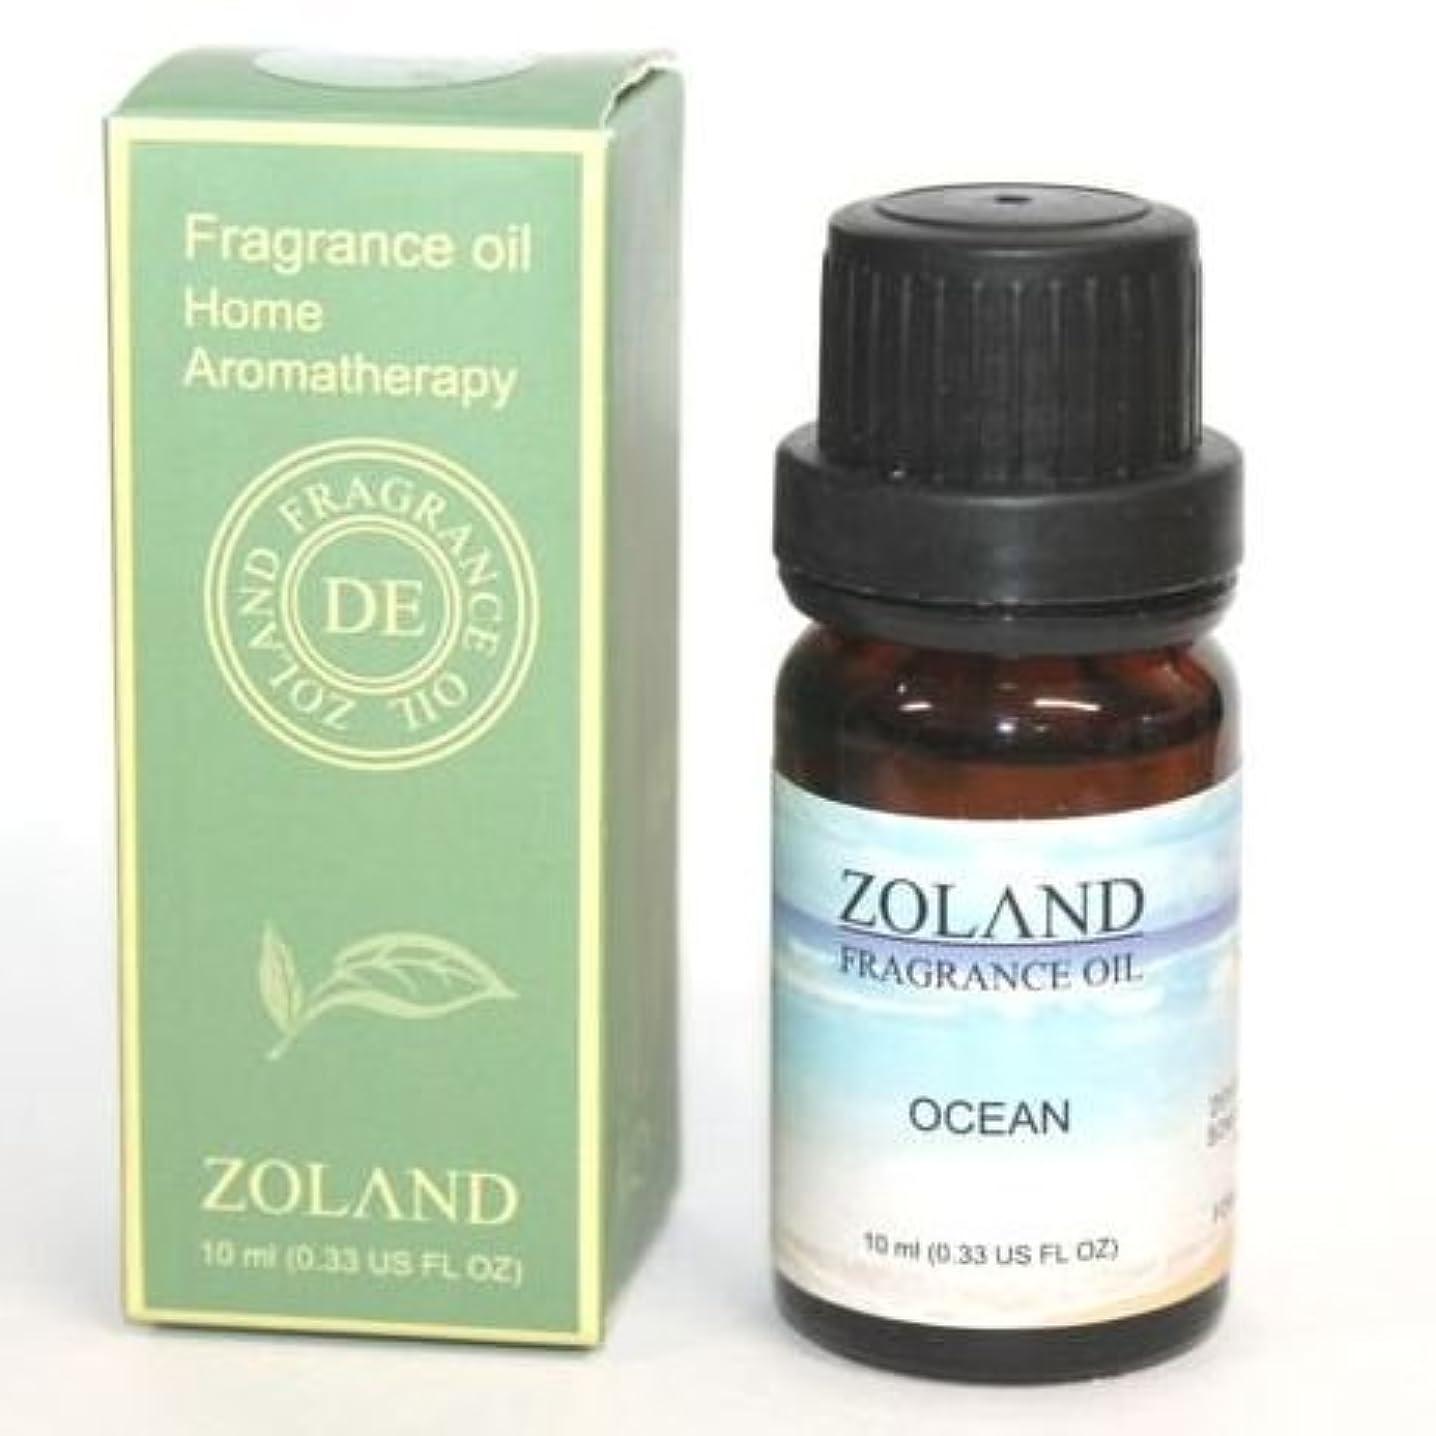 欲望プロジェクターポケットZOLAND アロマオイル AROMA OIL フレグランスオイル OCEAN オーシャン 海の香り ZQ-6